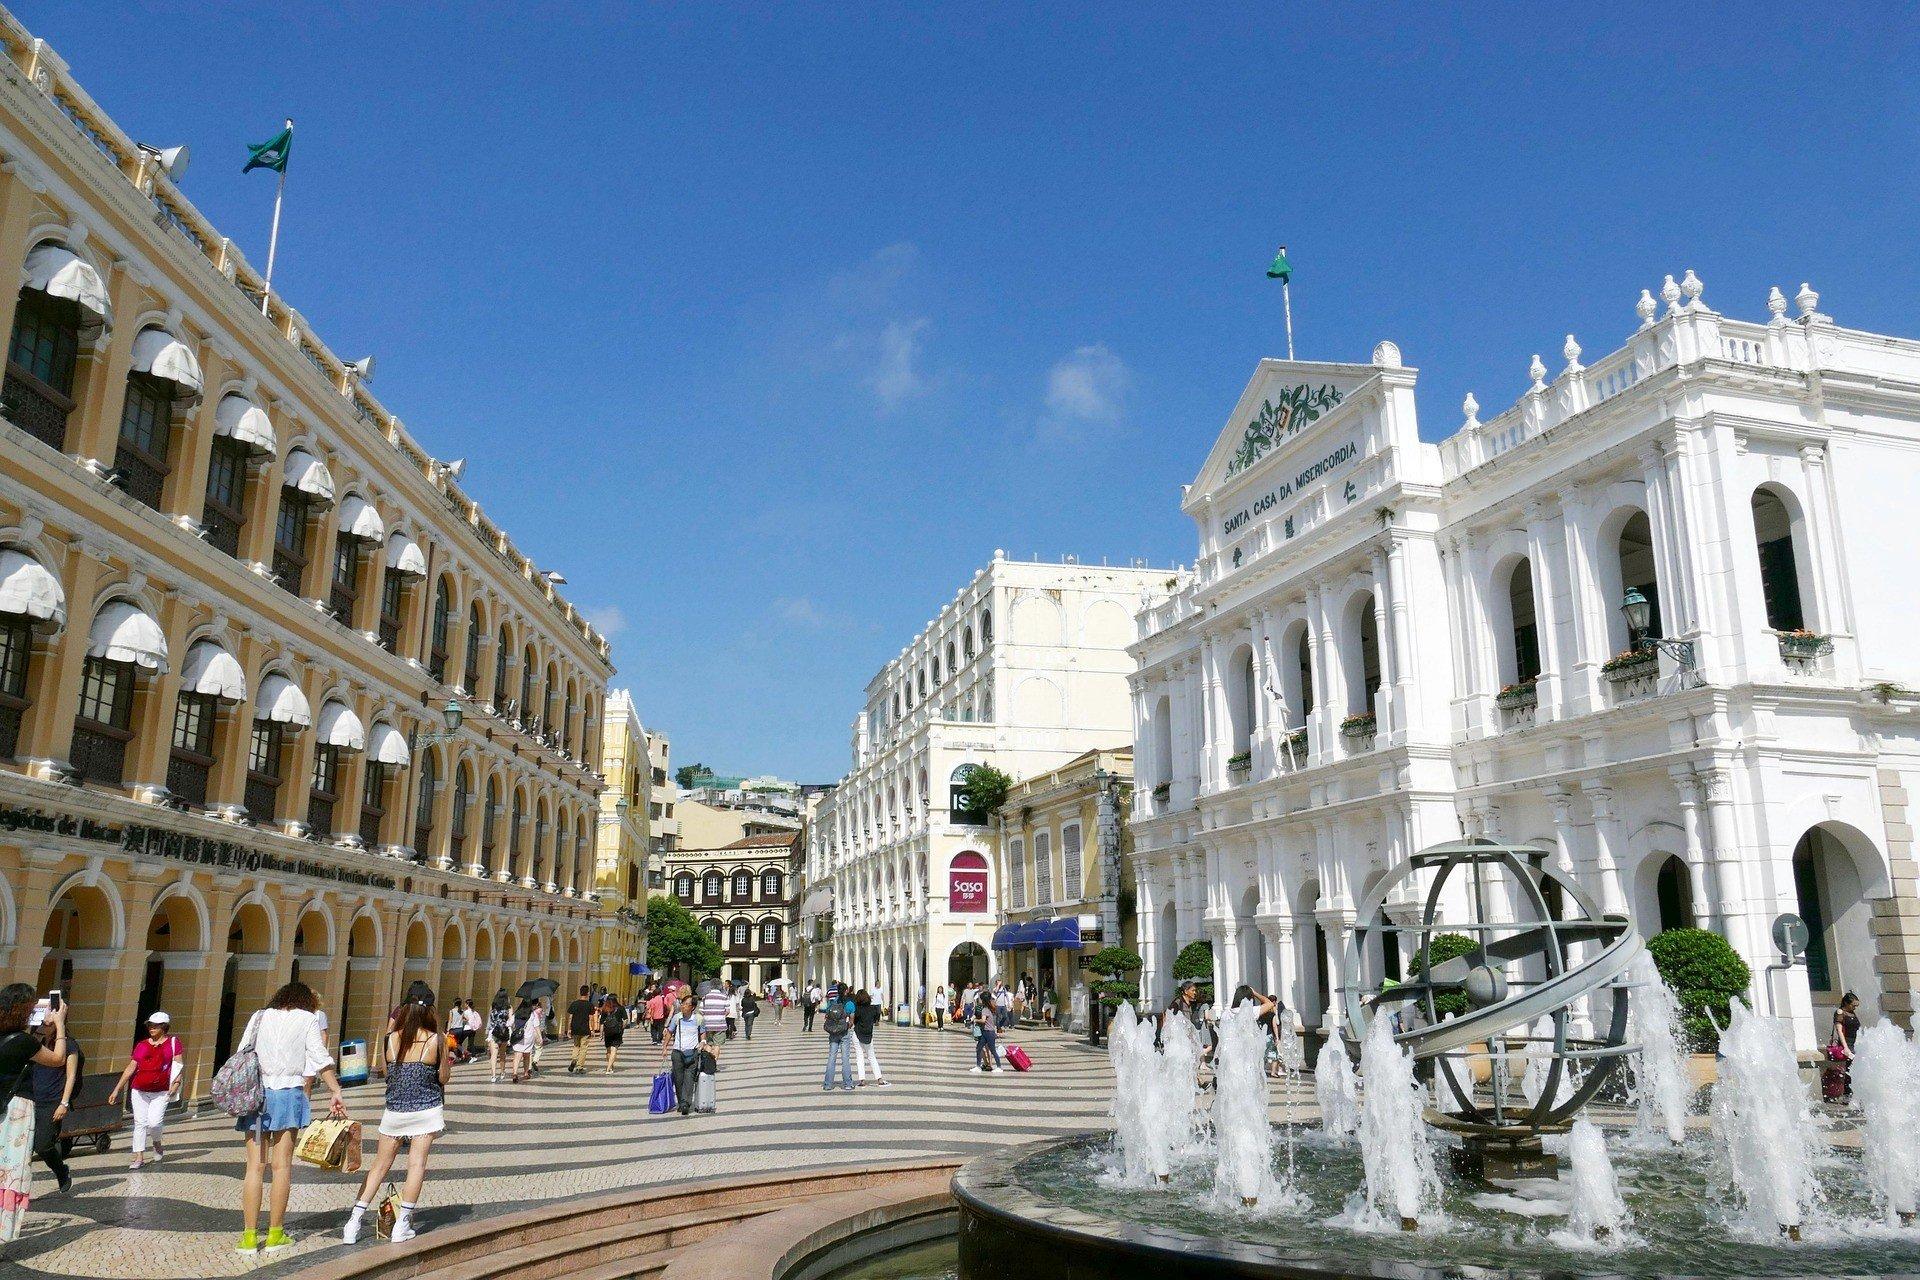 Historic city centre in Macau